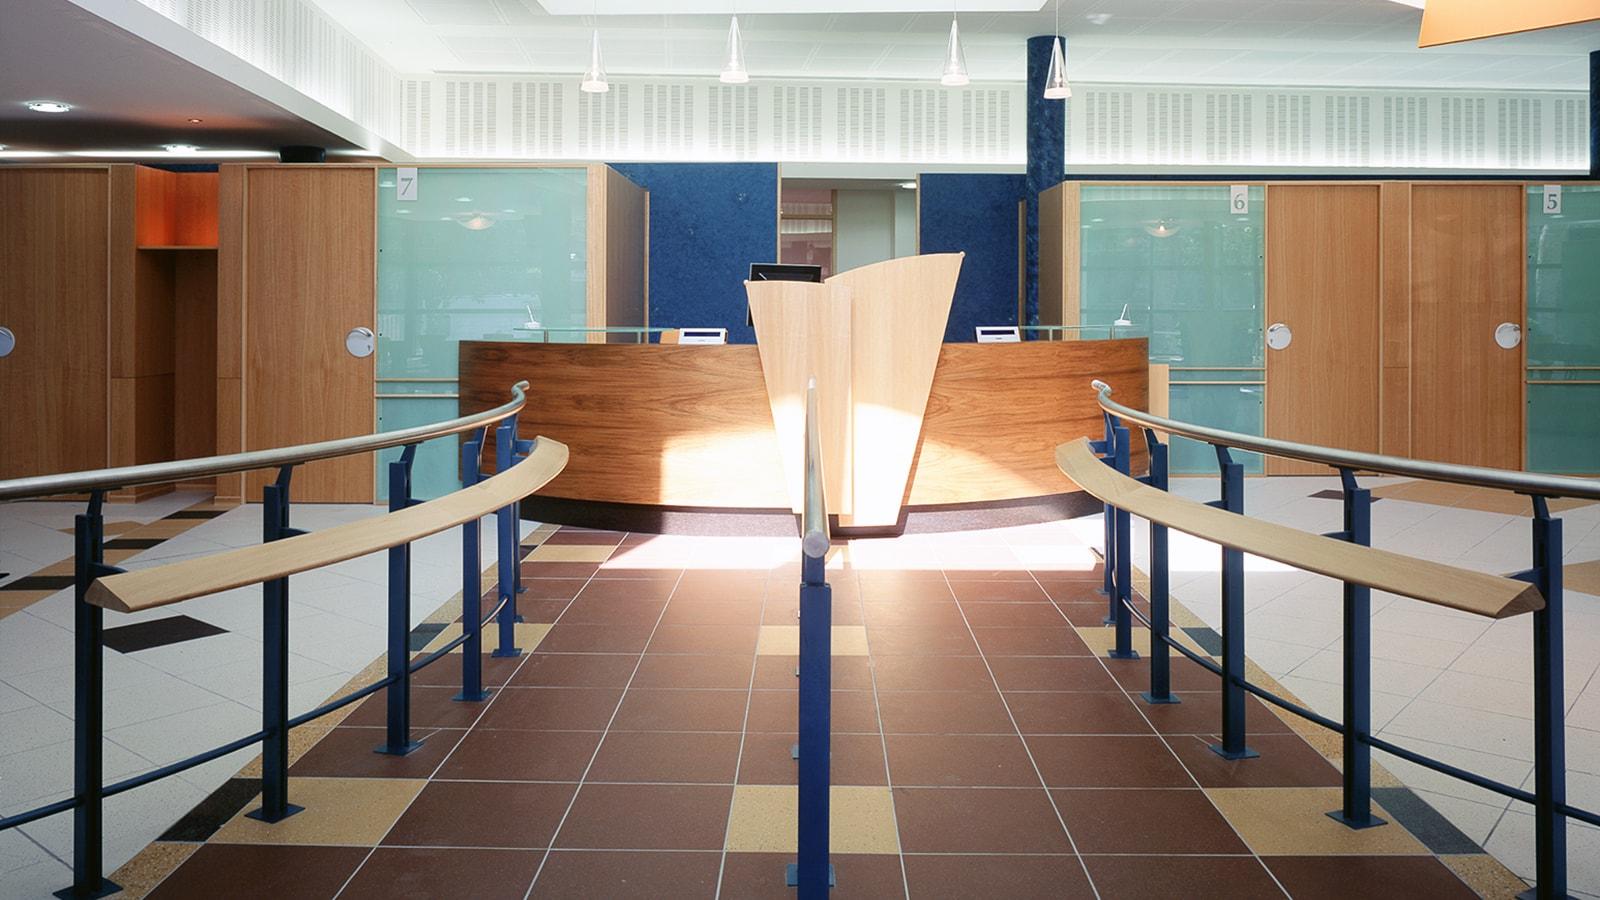 EFI Design Caf Anjou Efi Design (2) 1119